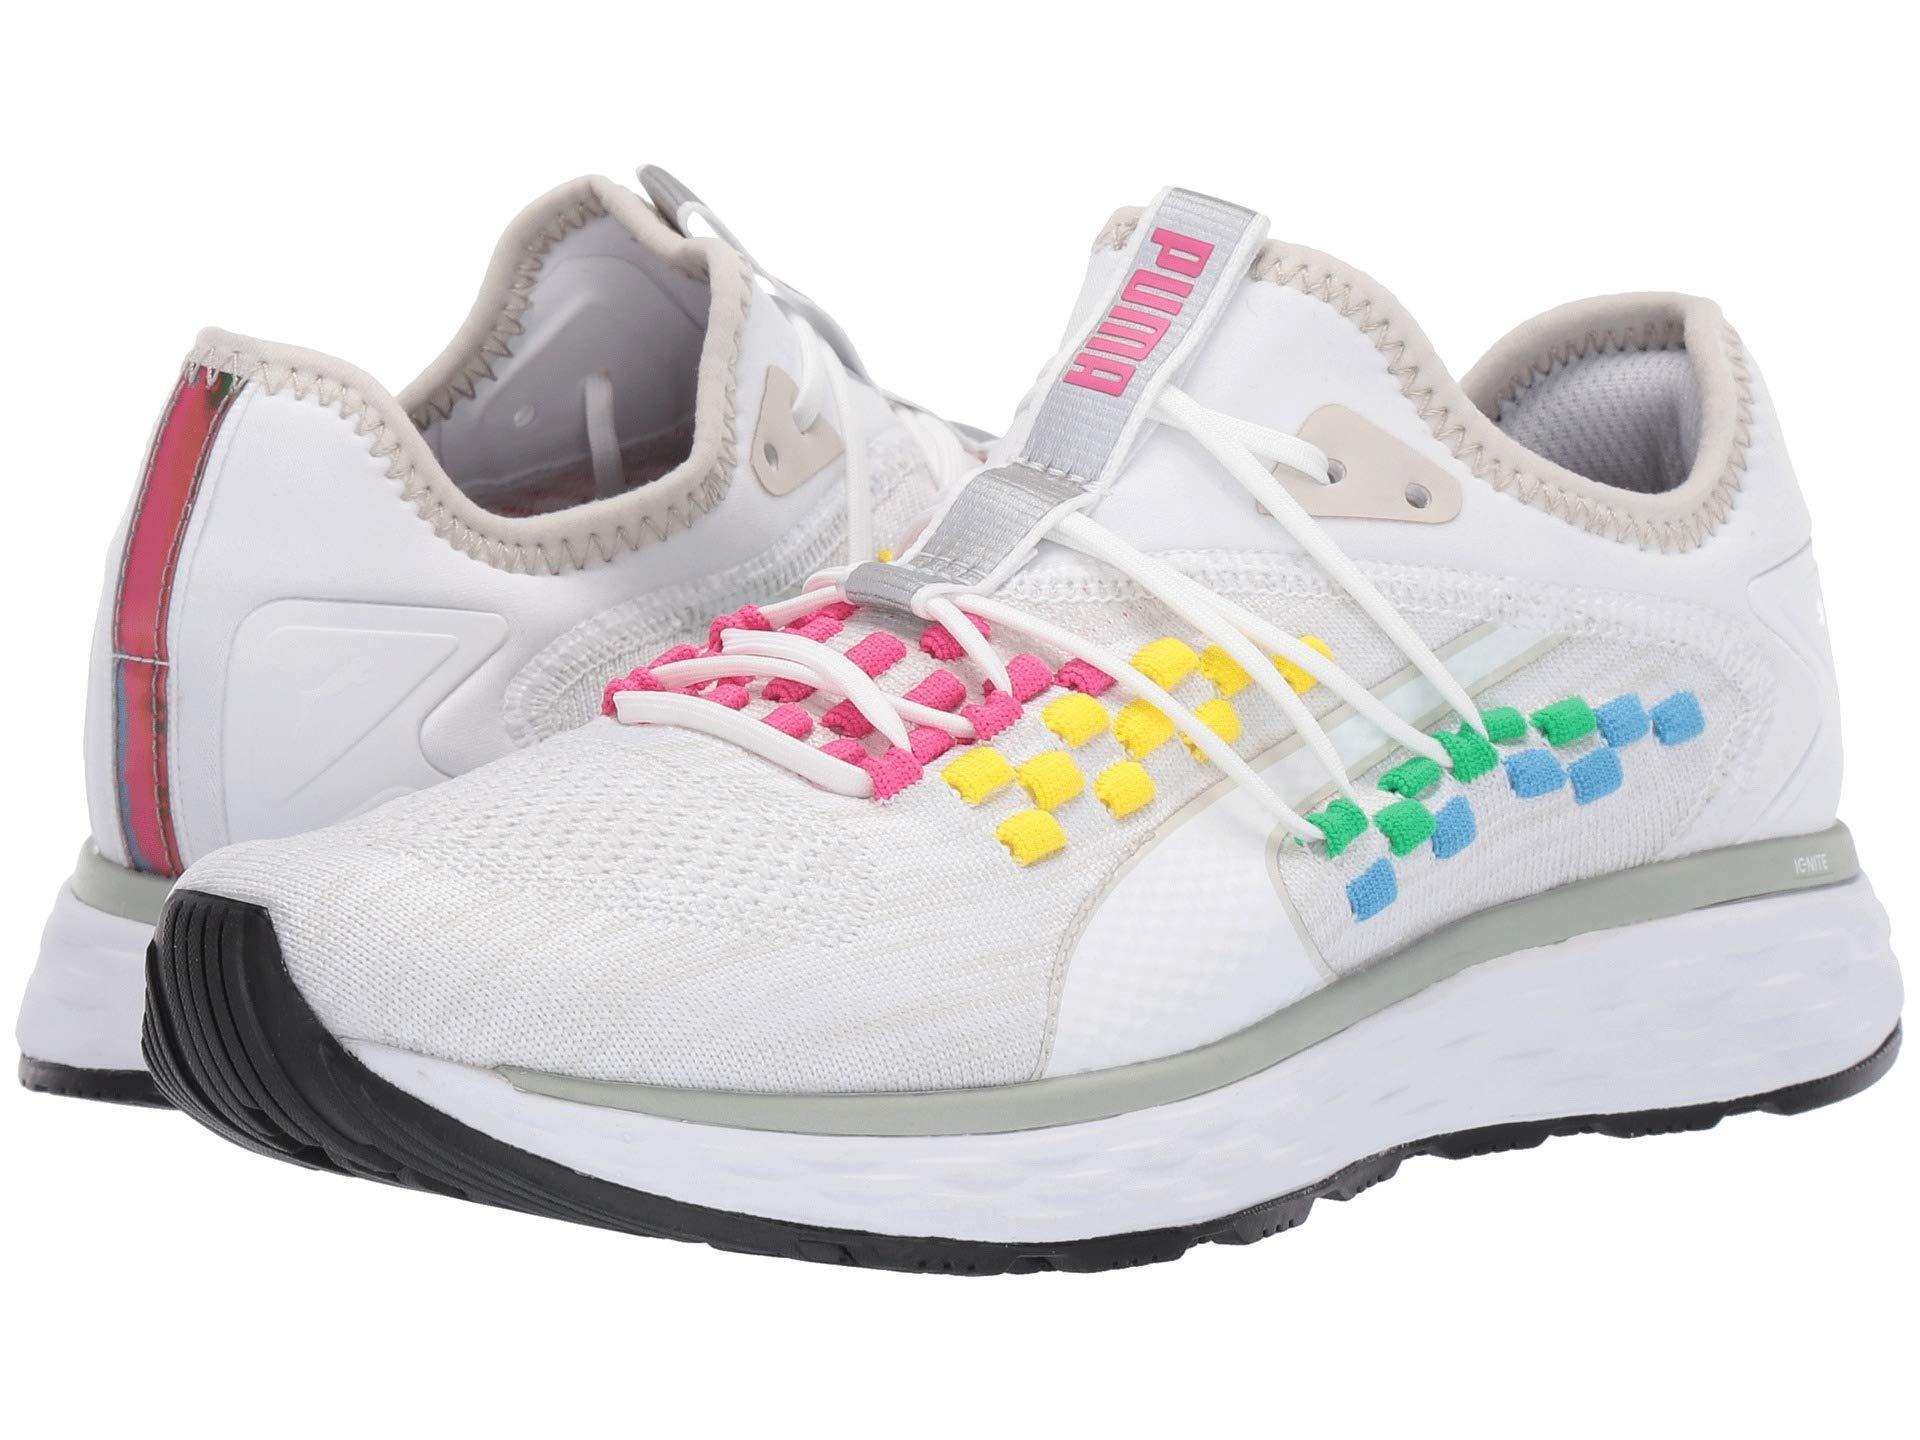 Lyst - PUMA Speed 600 Fusefit Sneaker in White a8f6c3c9a